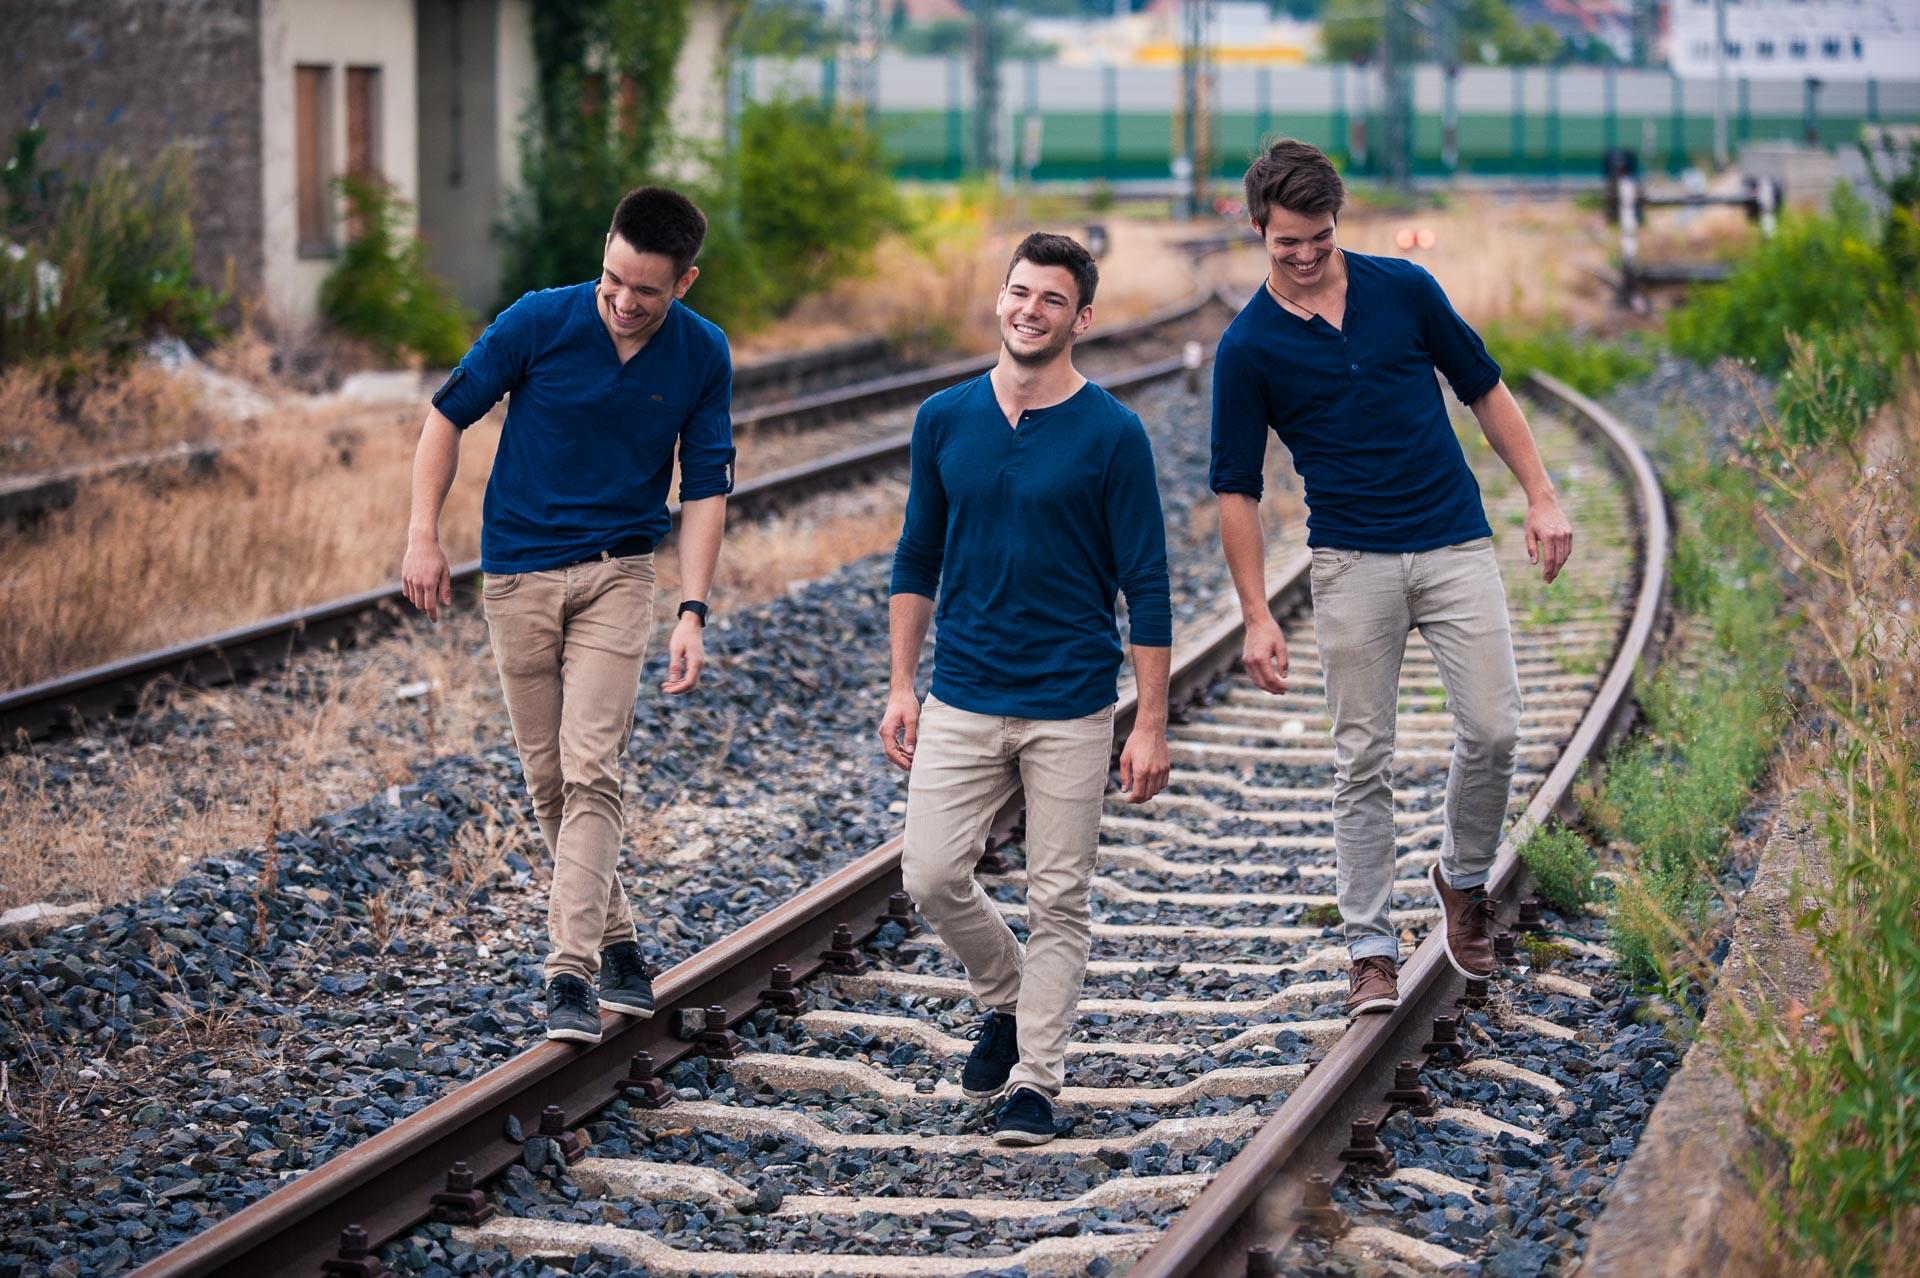 Lukas, Micha, Ben